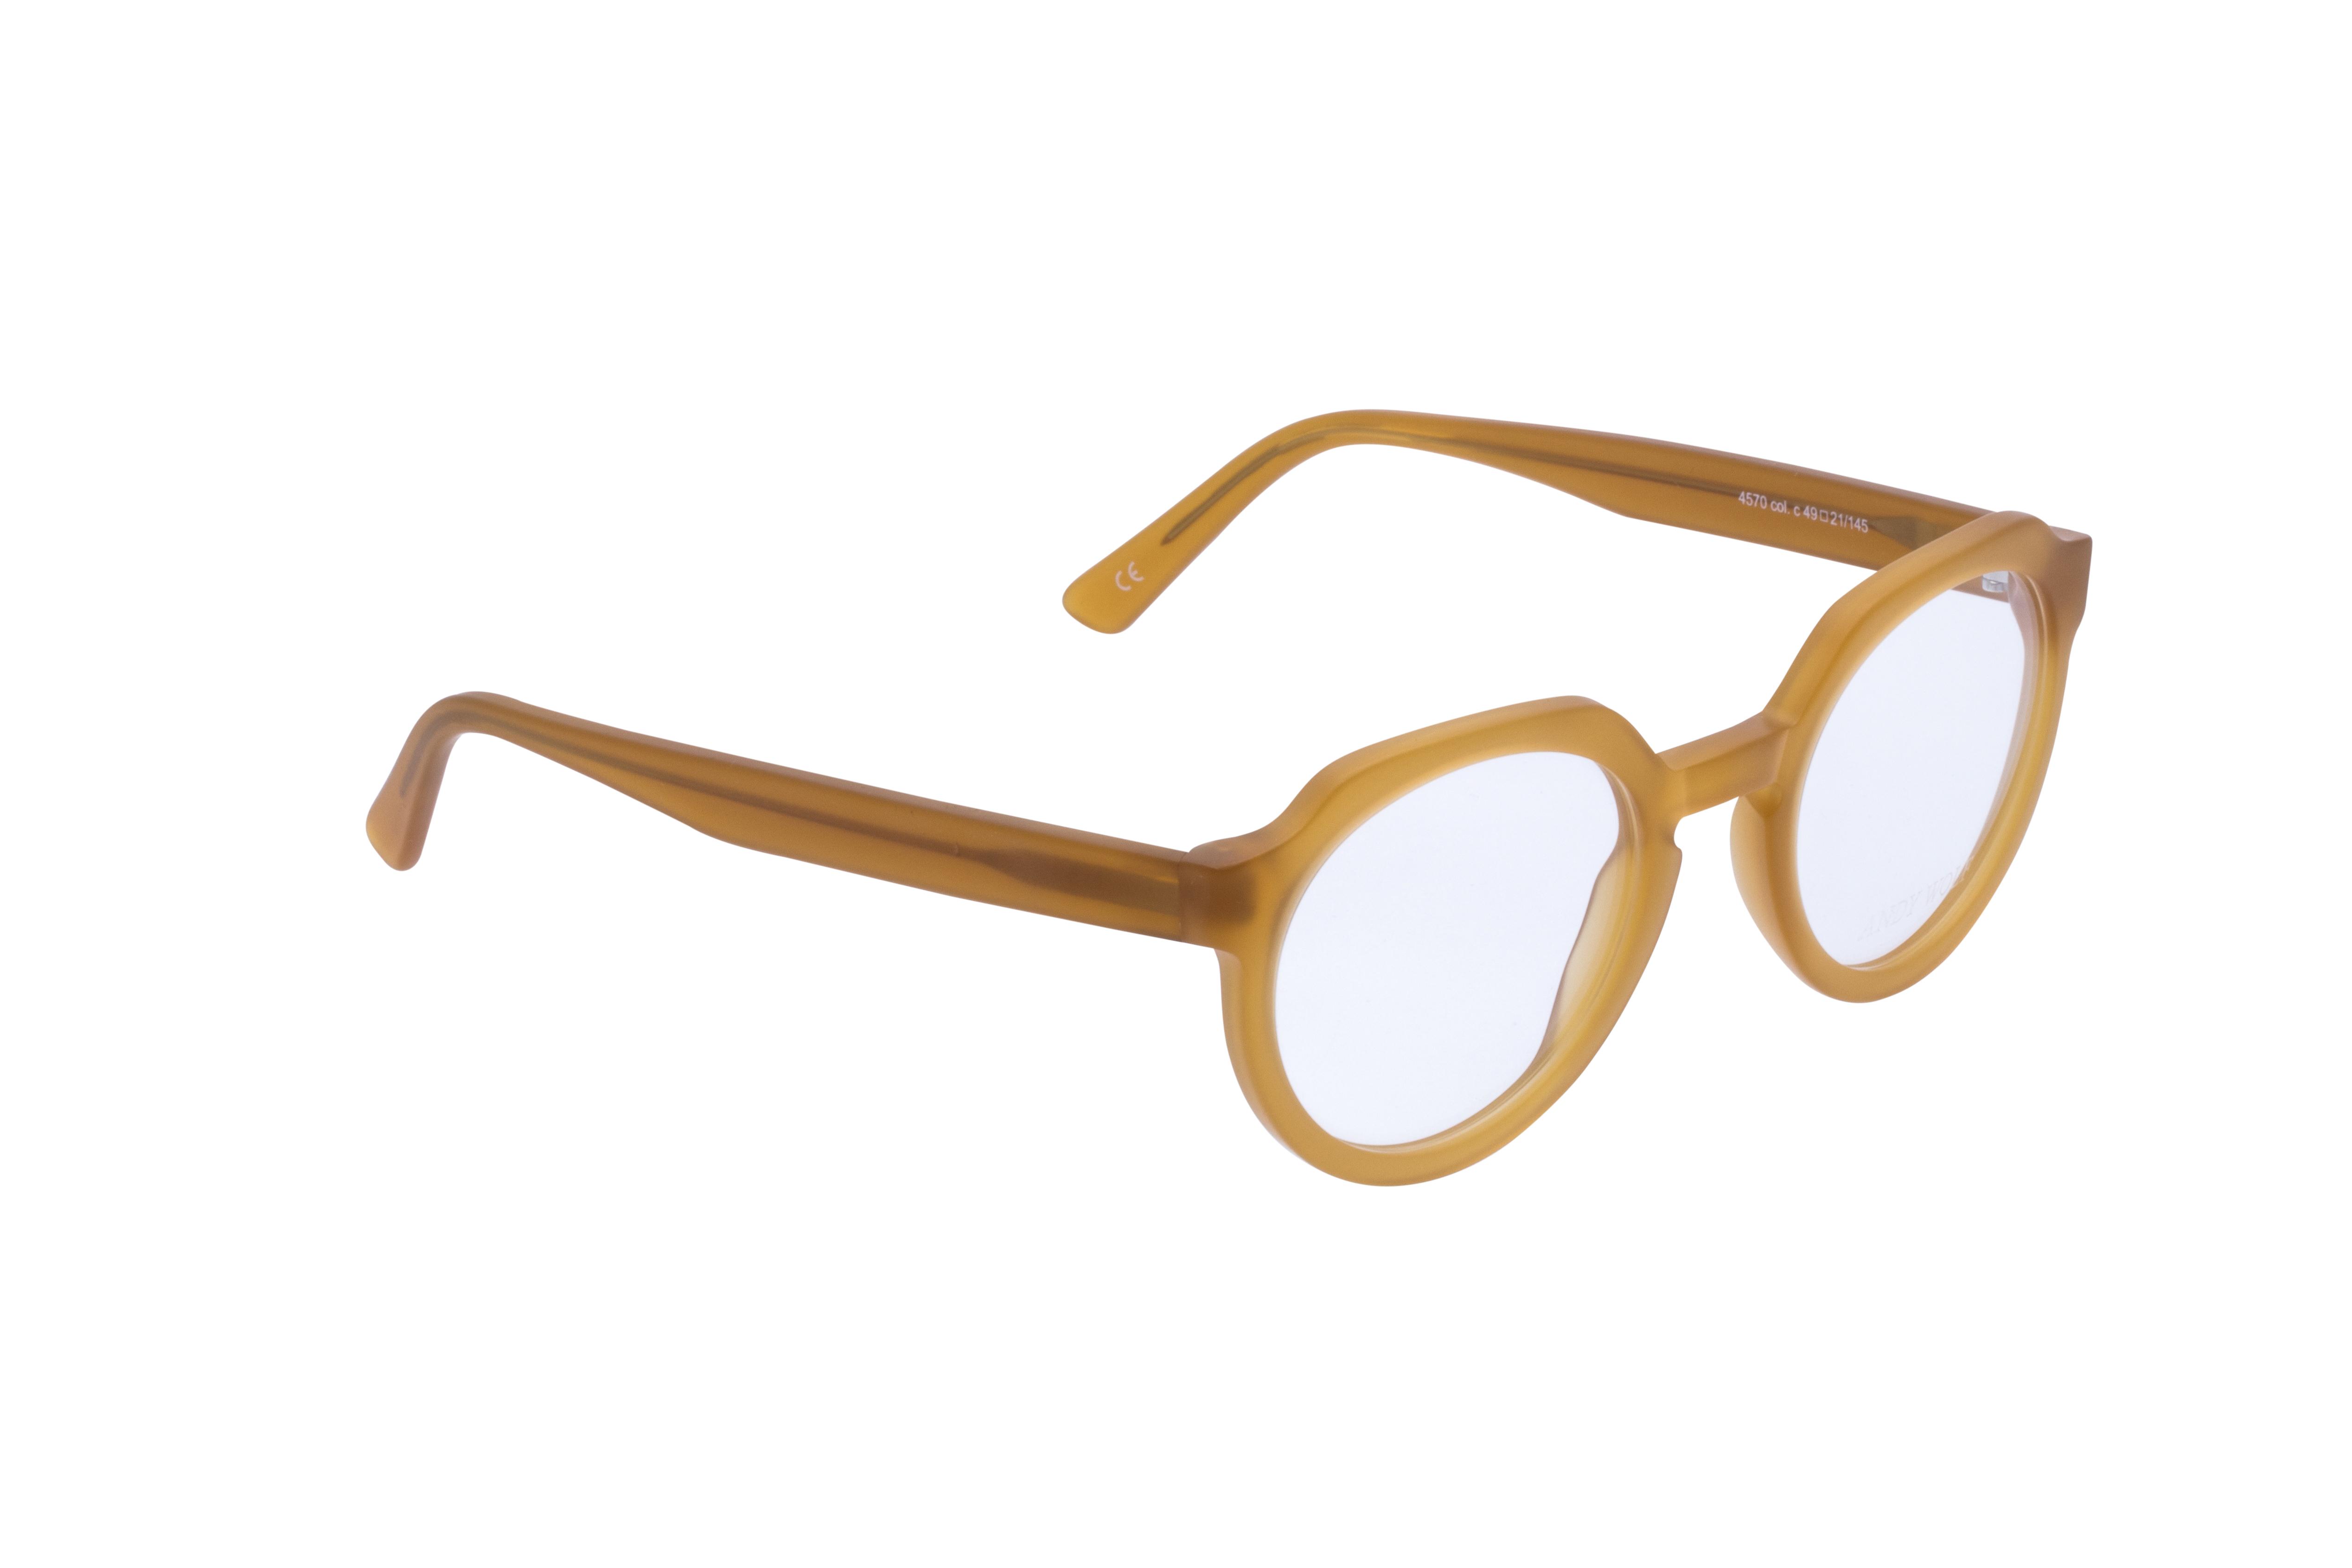 360 Grad Ansicht 3 Andy Wolf 4570, Brille auf Weiß - Fassung bei KUNK